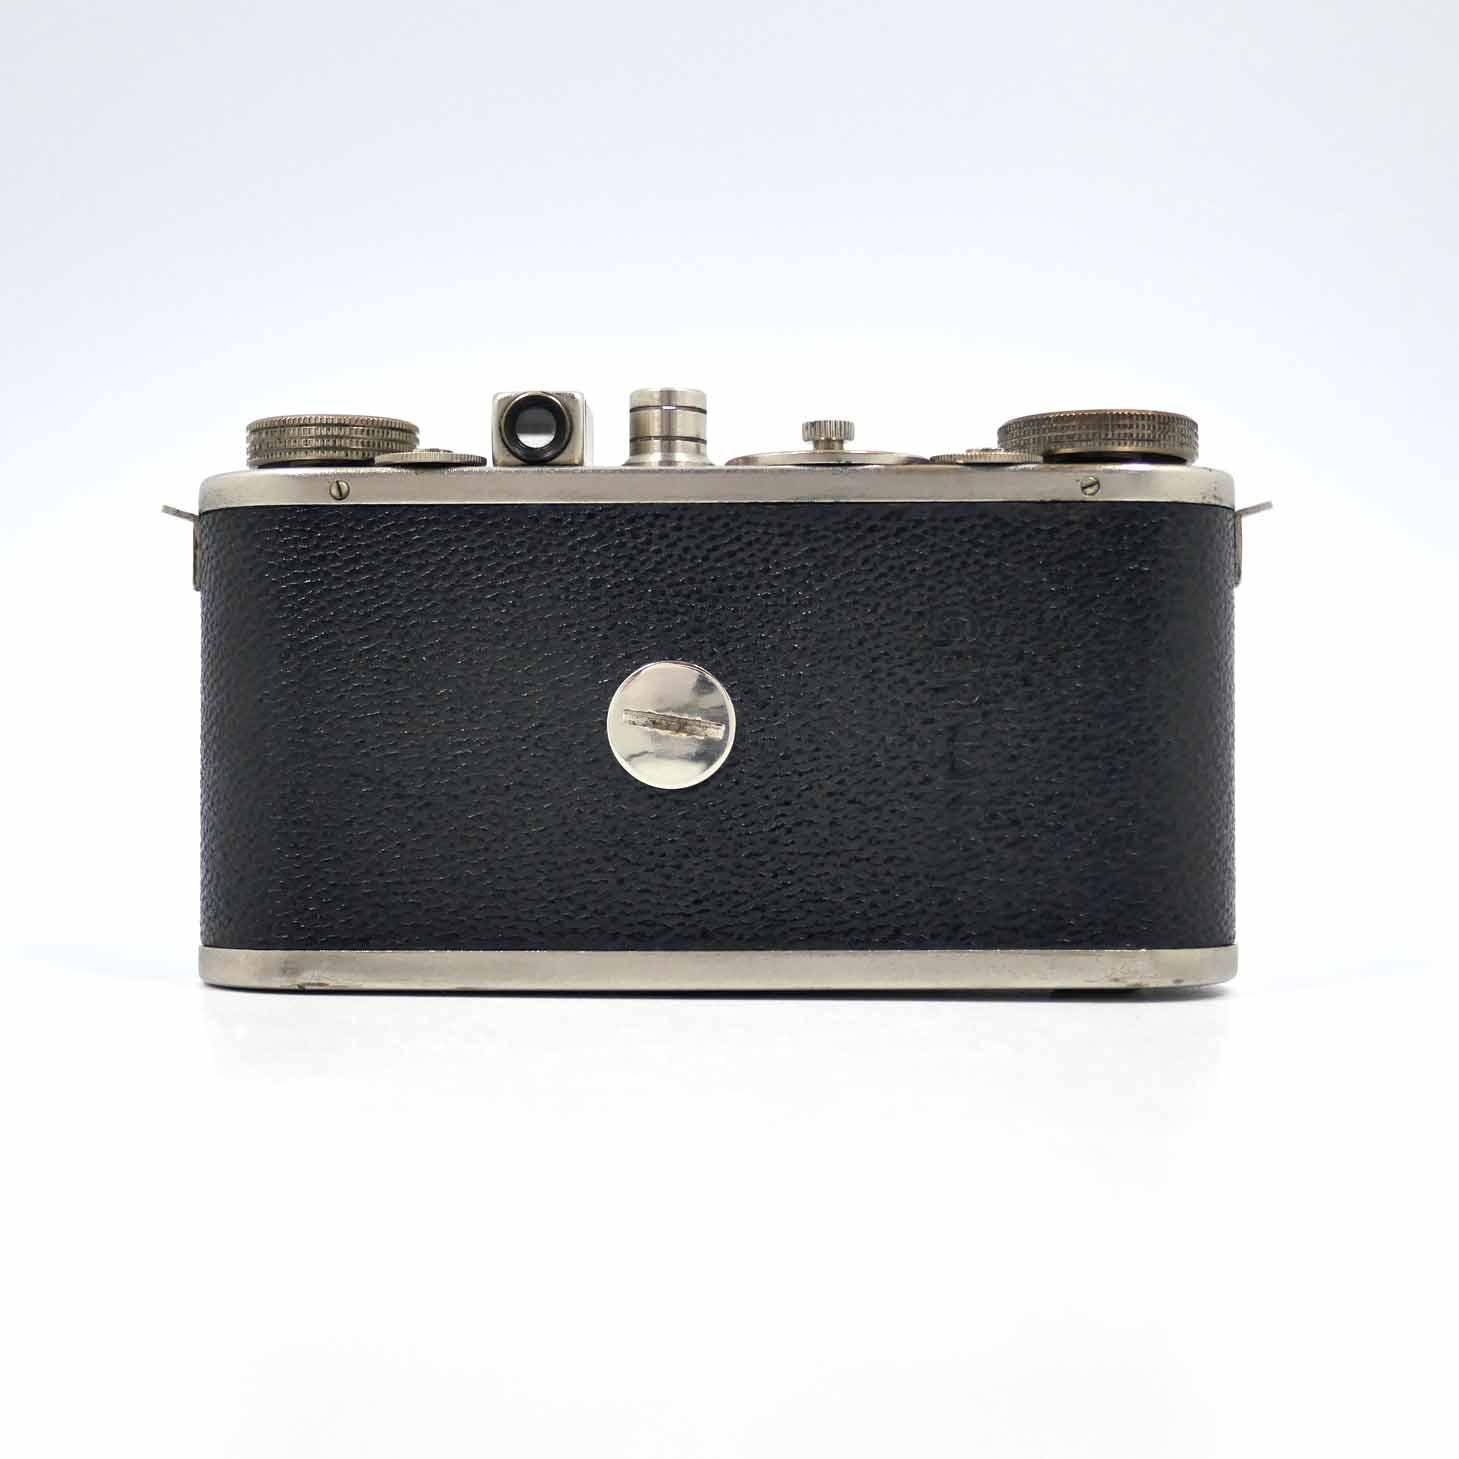 clean-cameras-wirgin-Edinex-0-03